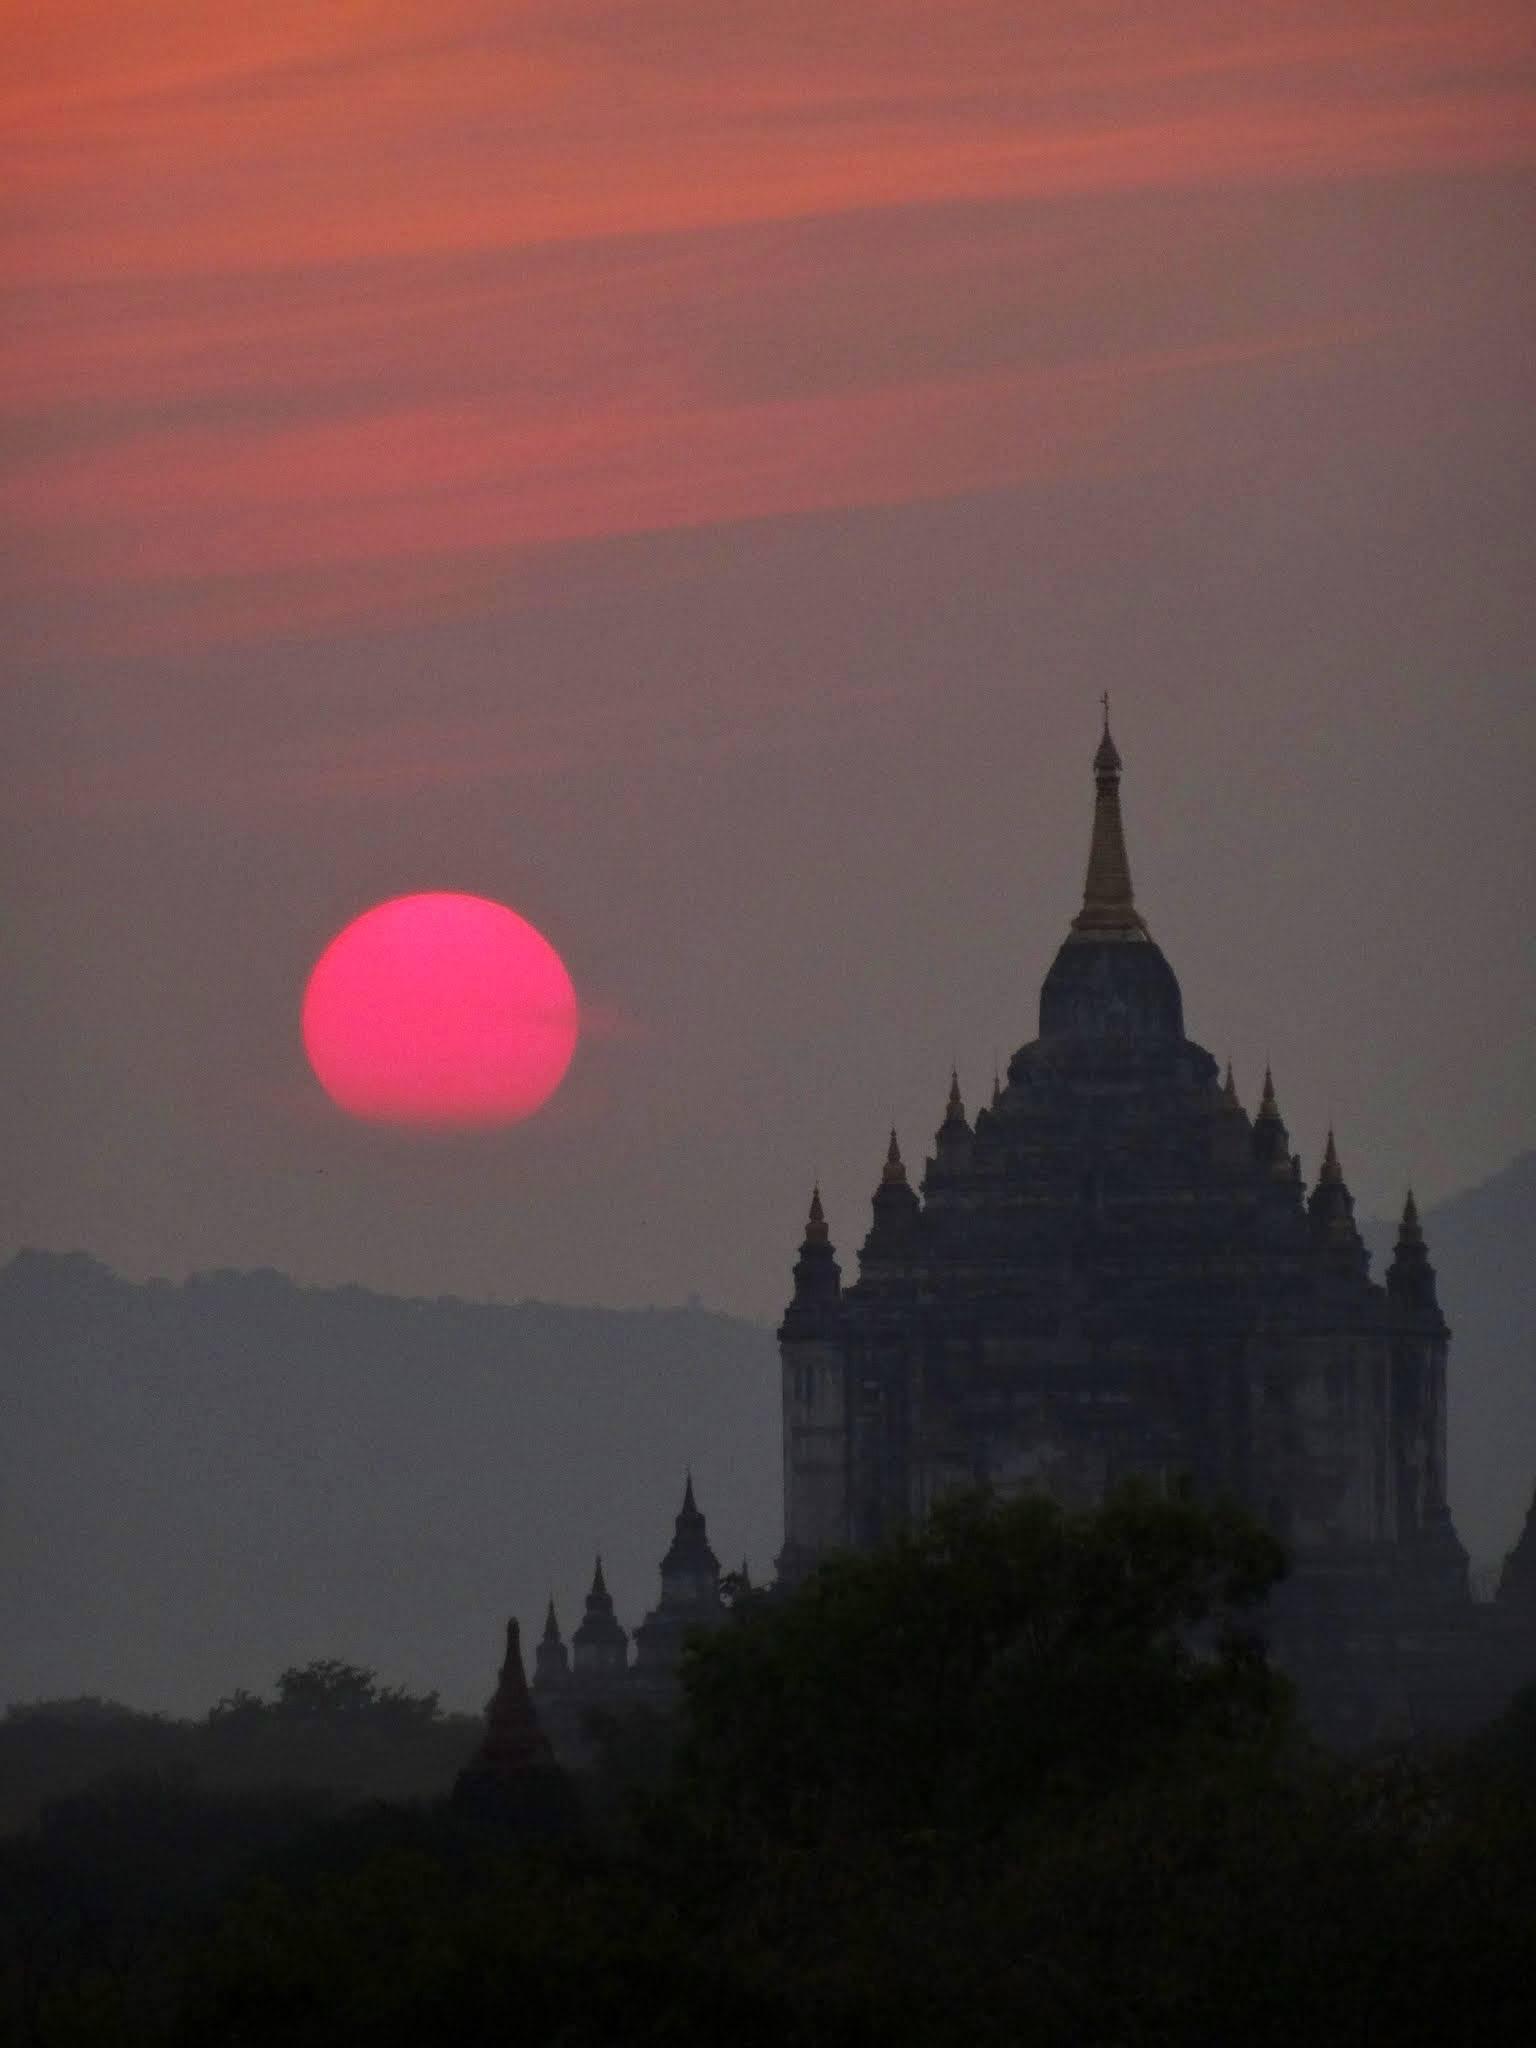 Photo 1: Bagan, l'incontournable site de la Birmanie